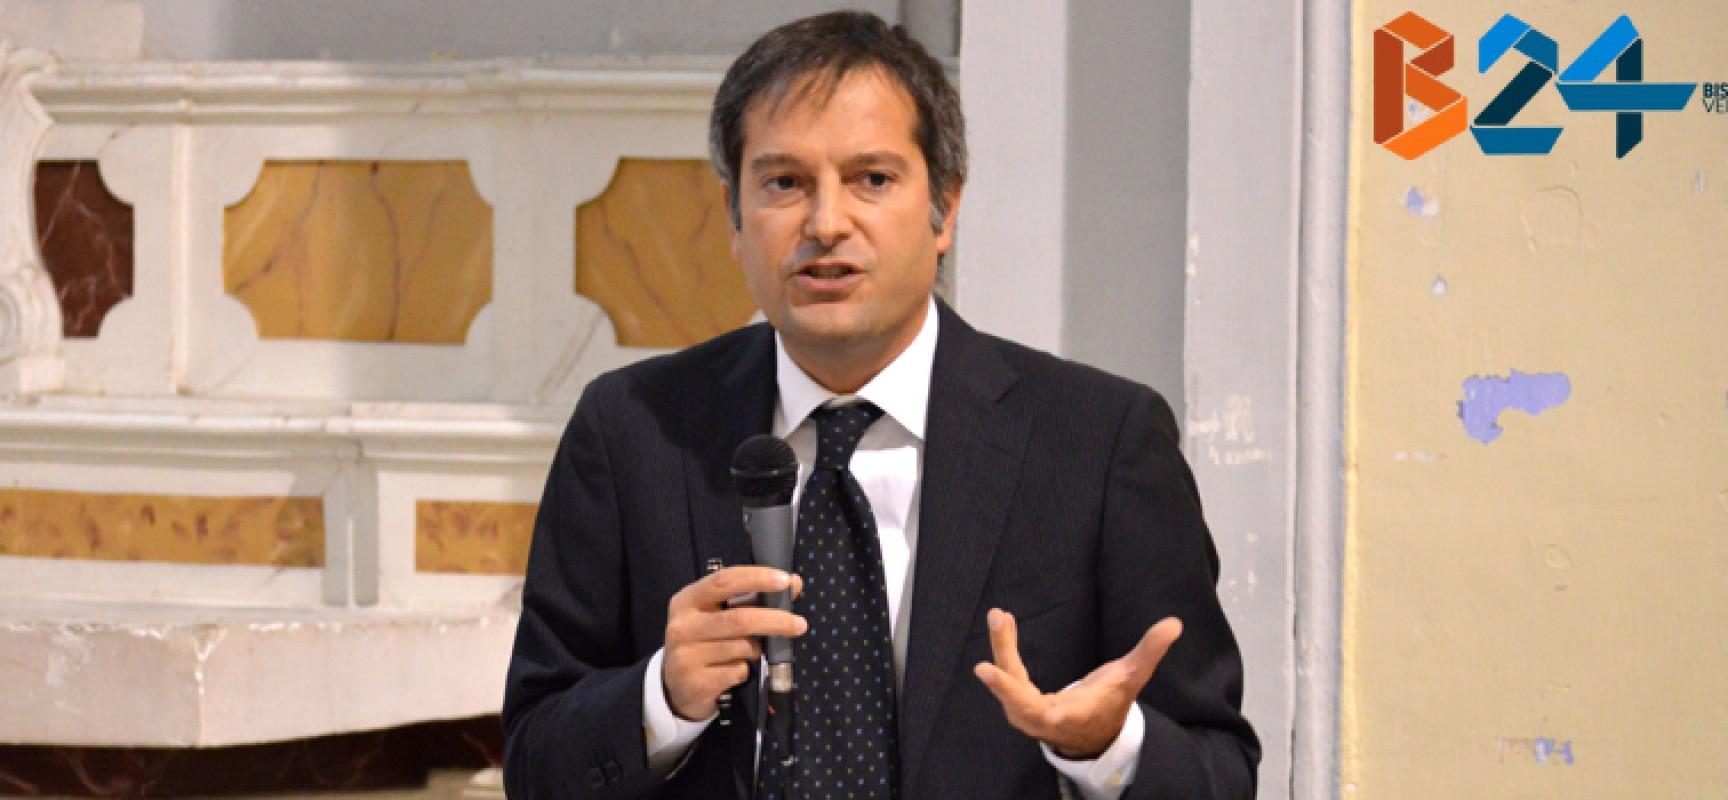 Interrogazione consiliare di Angarano (PD) sulla situazione dell'area sottostante il Bastione di Ponente